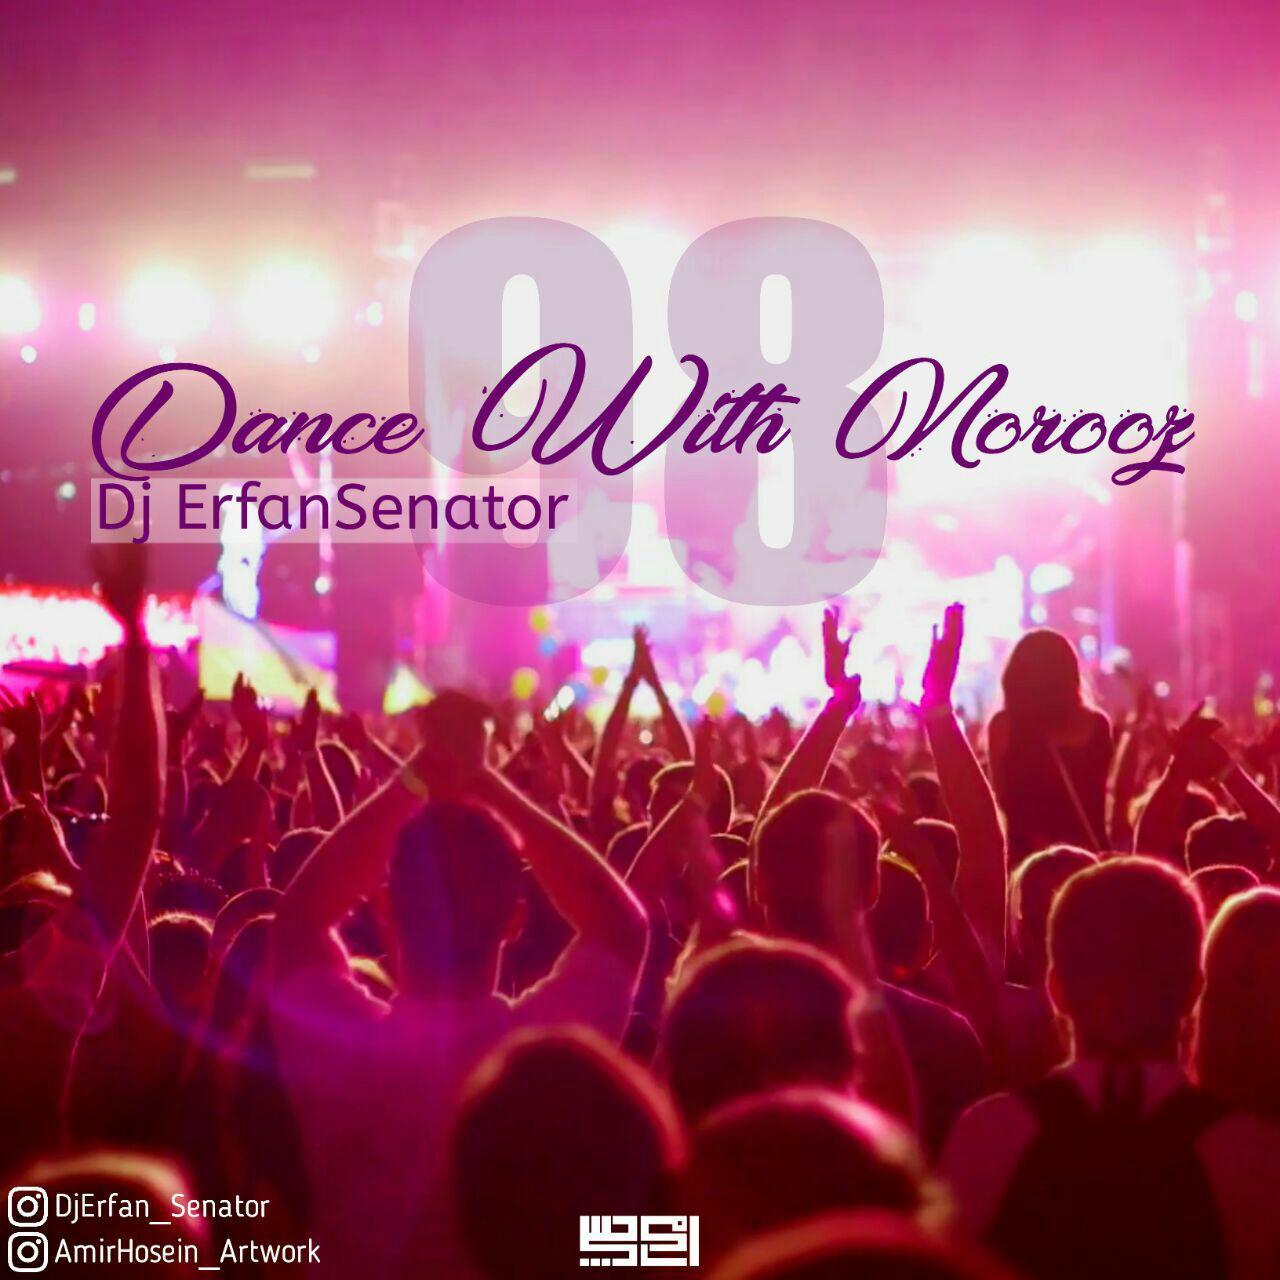 دانلود آهنگ جدید دیجی عرفان سناتور Dance With Norooz 98